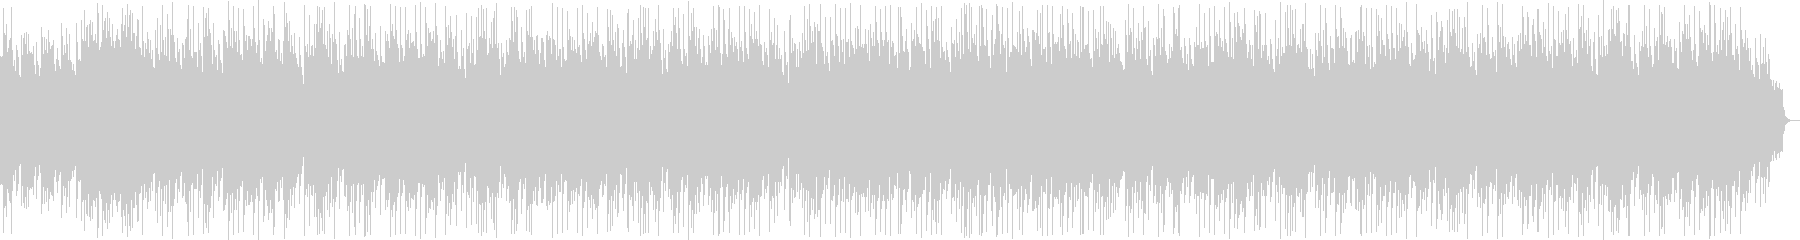 切ない和風なシンセ・弦楽器サウンドの未再生の波形